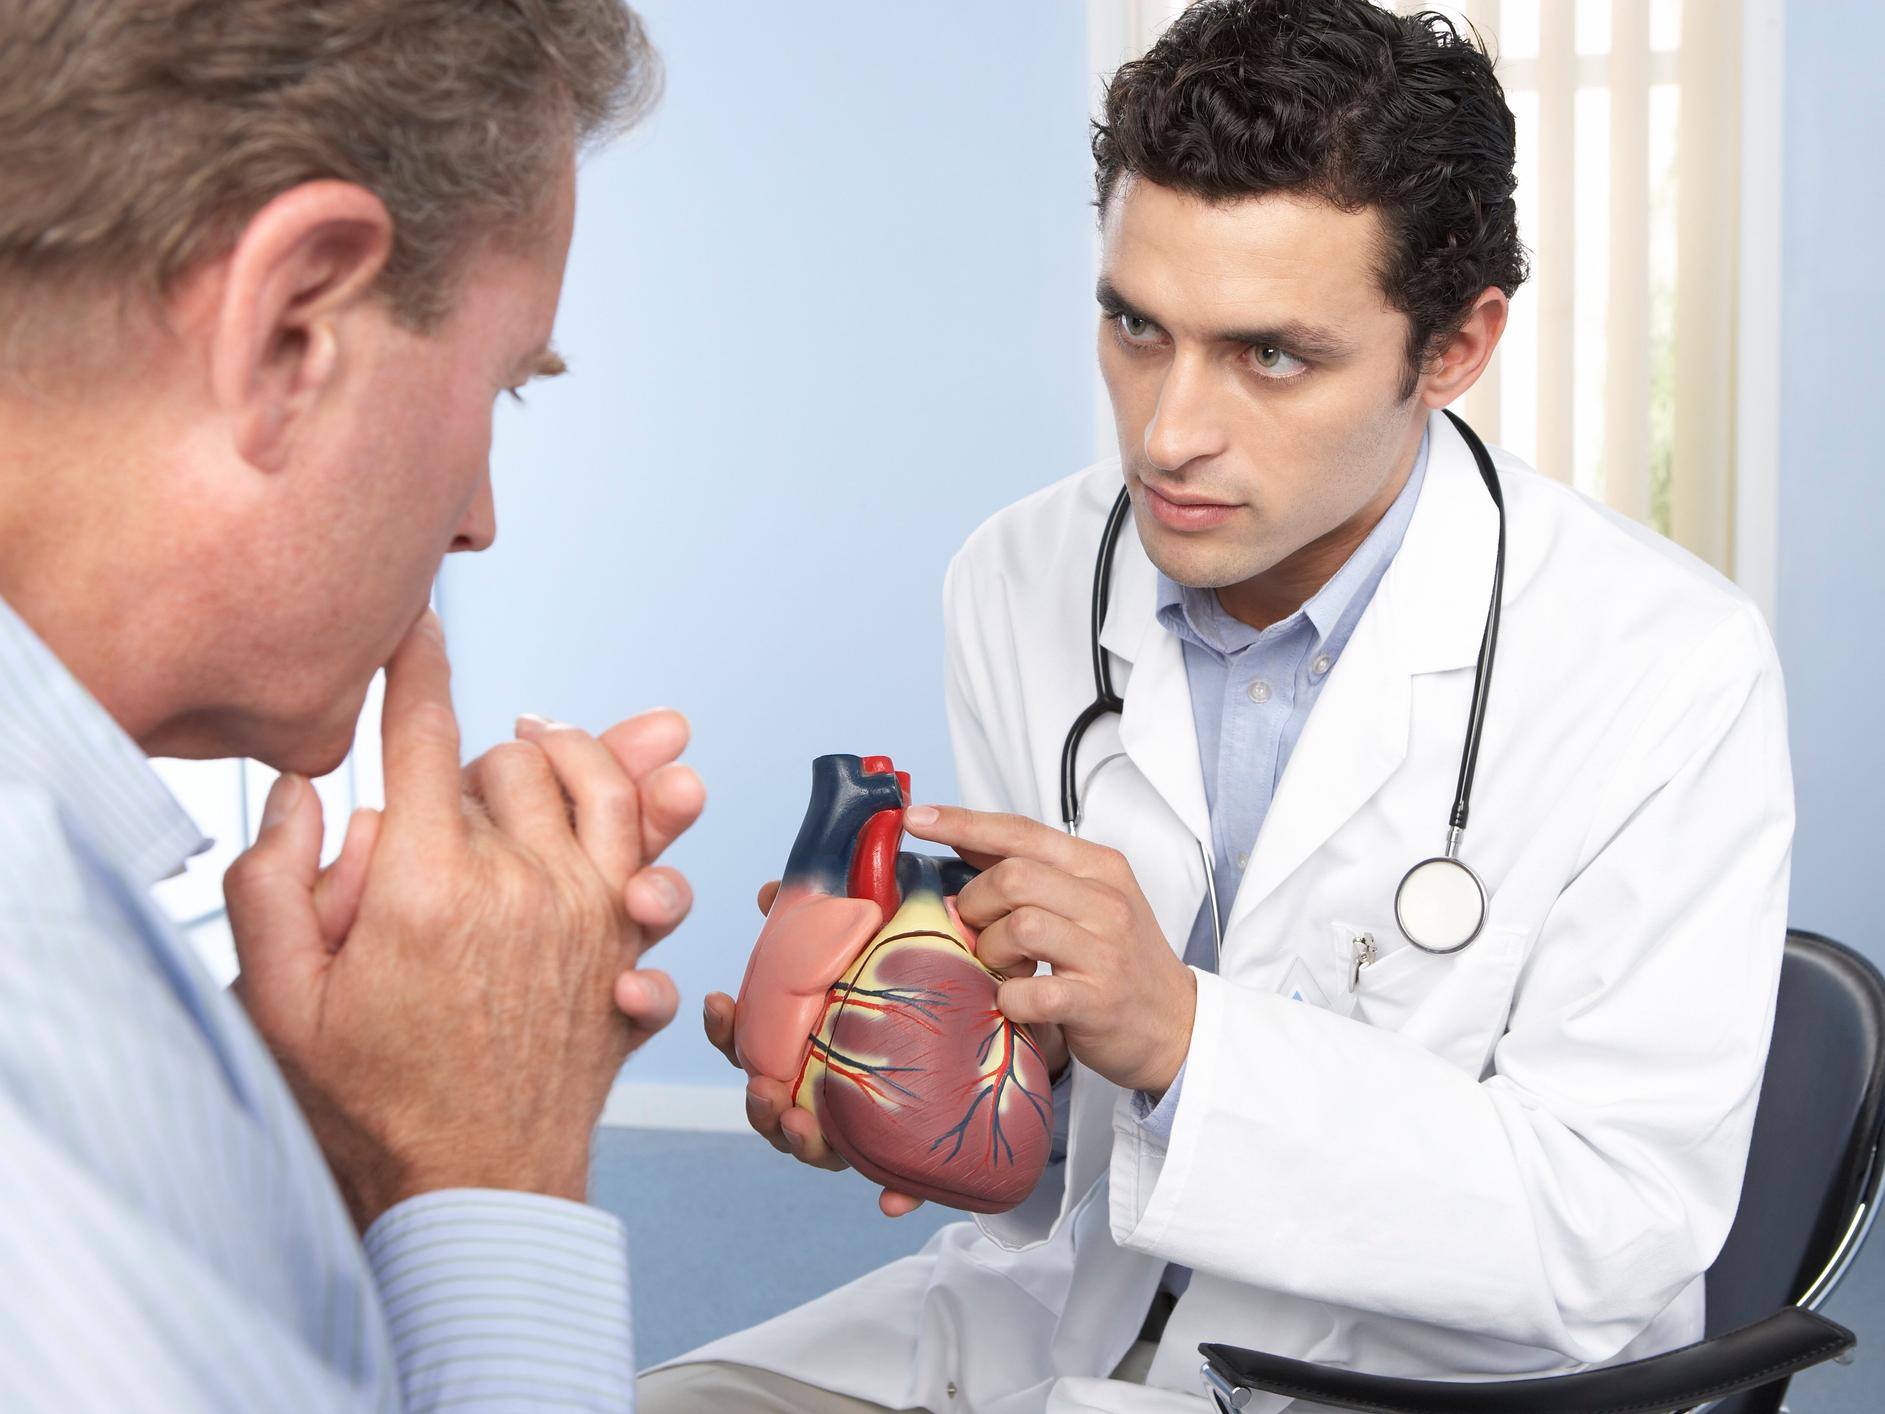 Сердечный кашель: симптомы, лечение, причины, что это такое